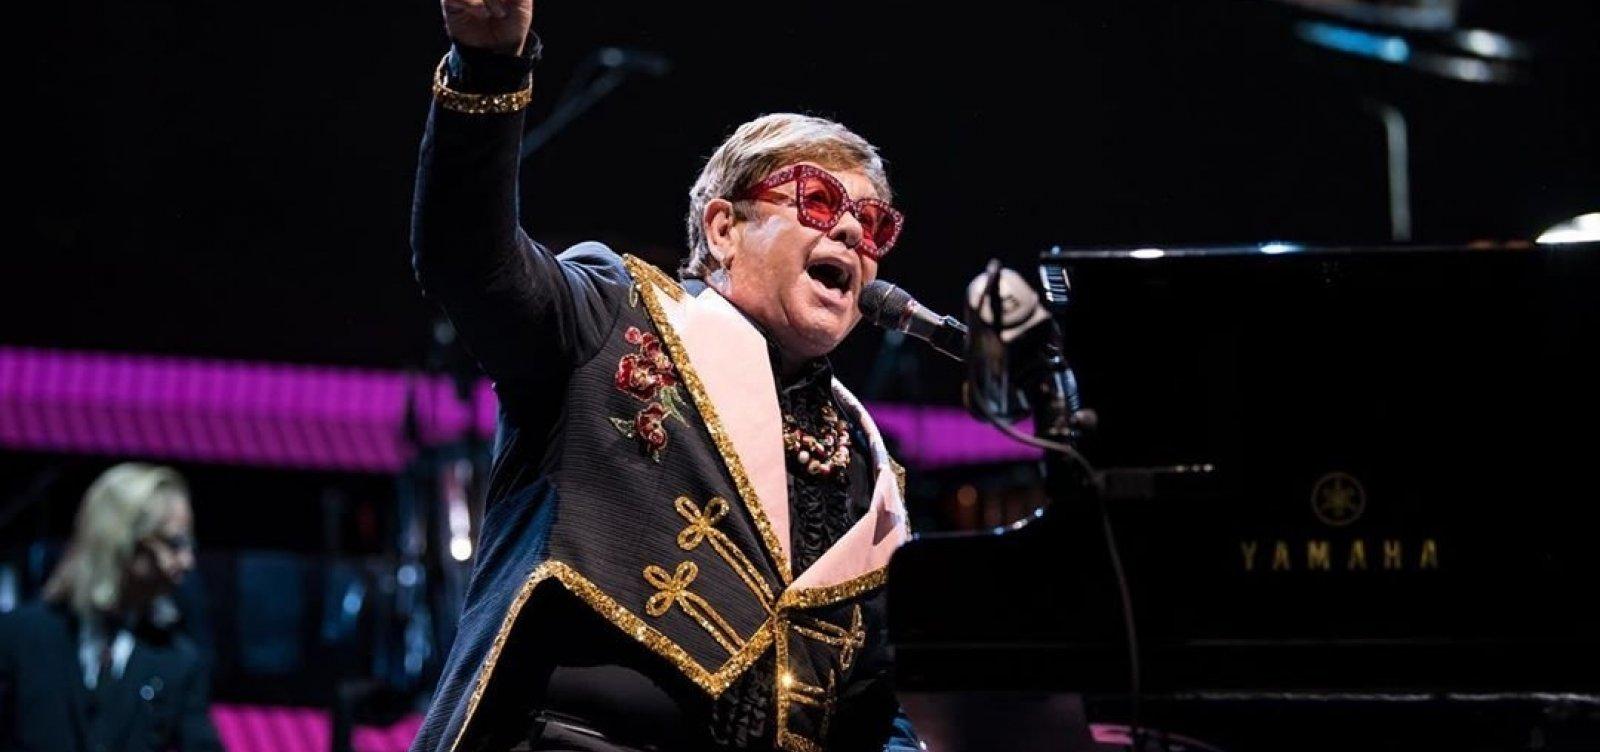 [Elton John interrompe show por motivos de saúde]